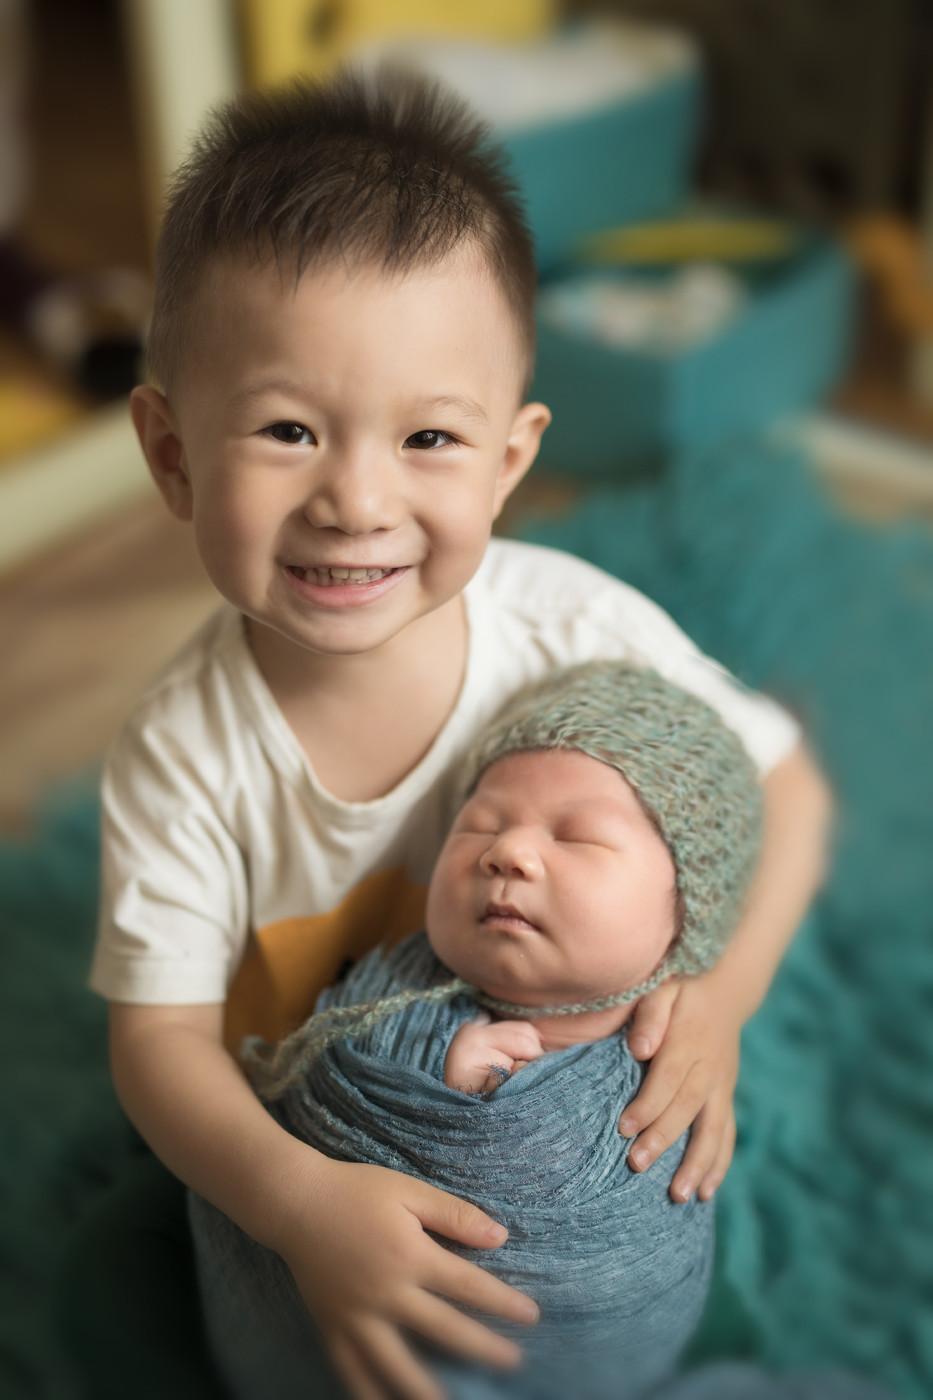 #我有两个帅气的儿子#二宝13天1